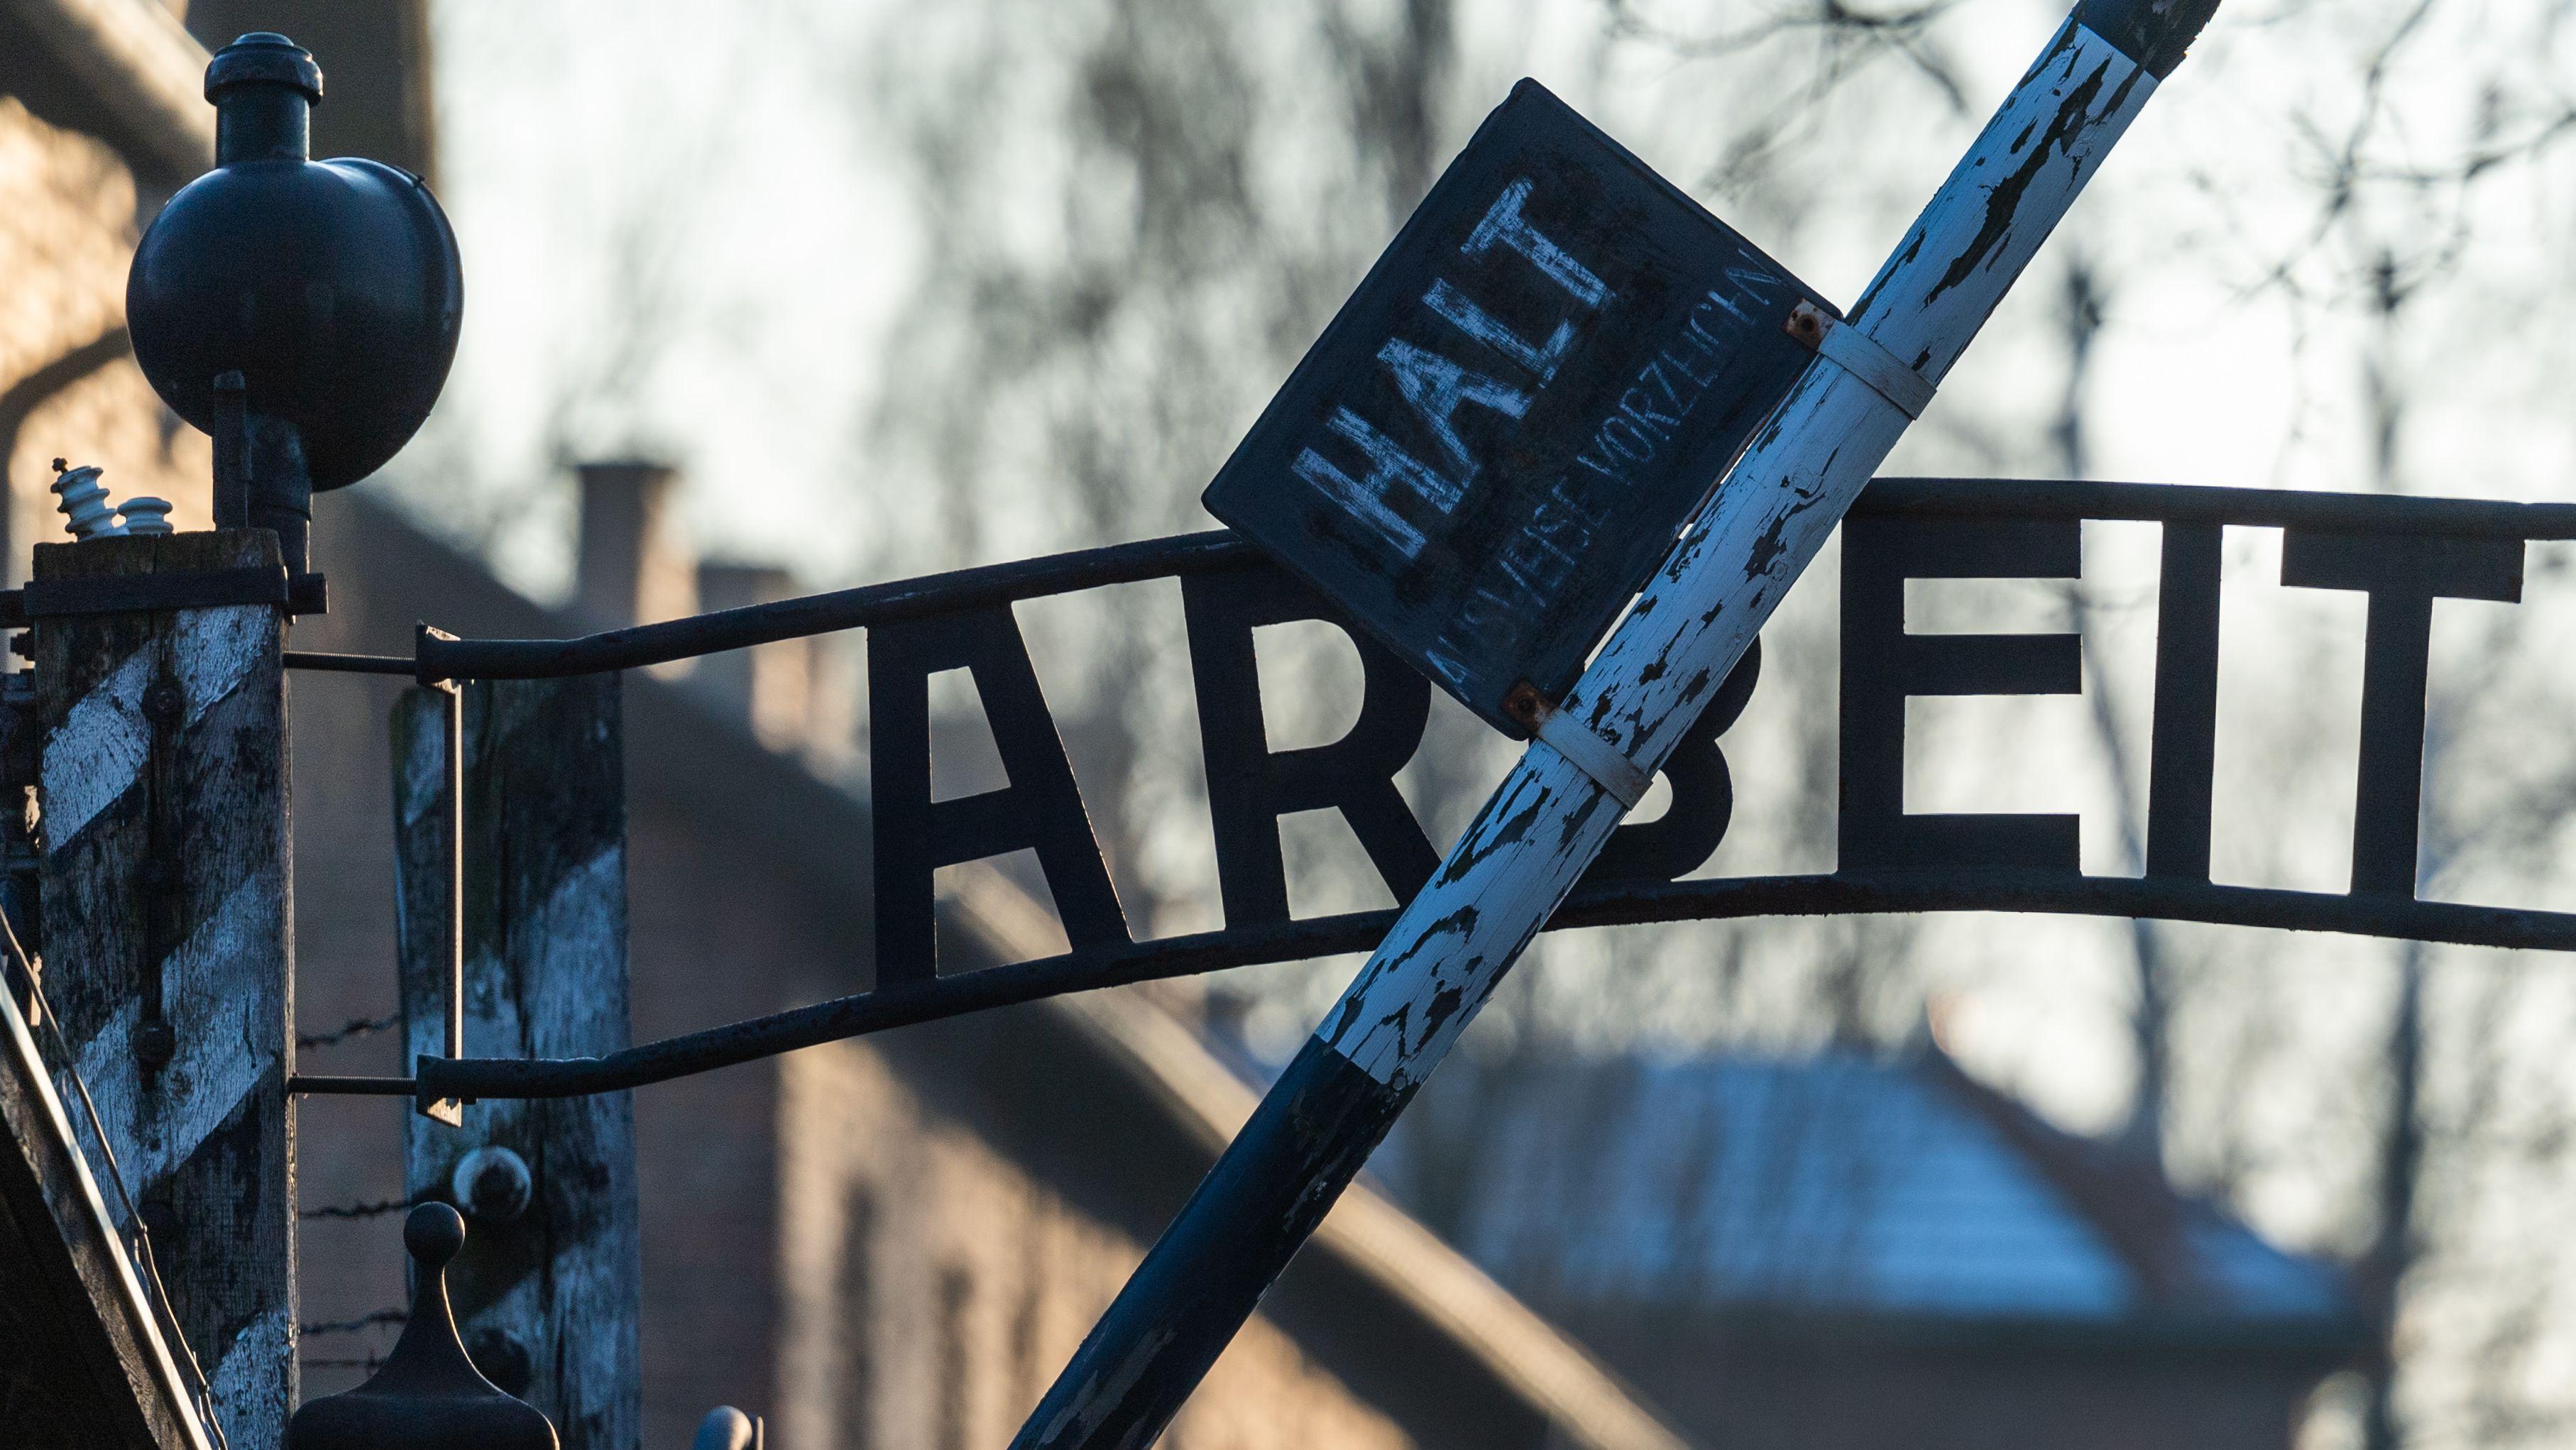 «Arbeit macht frei» Schriftzug in Auschwitz